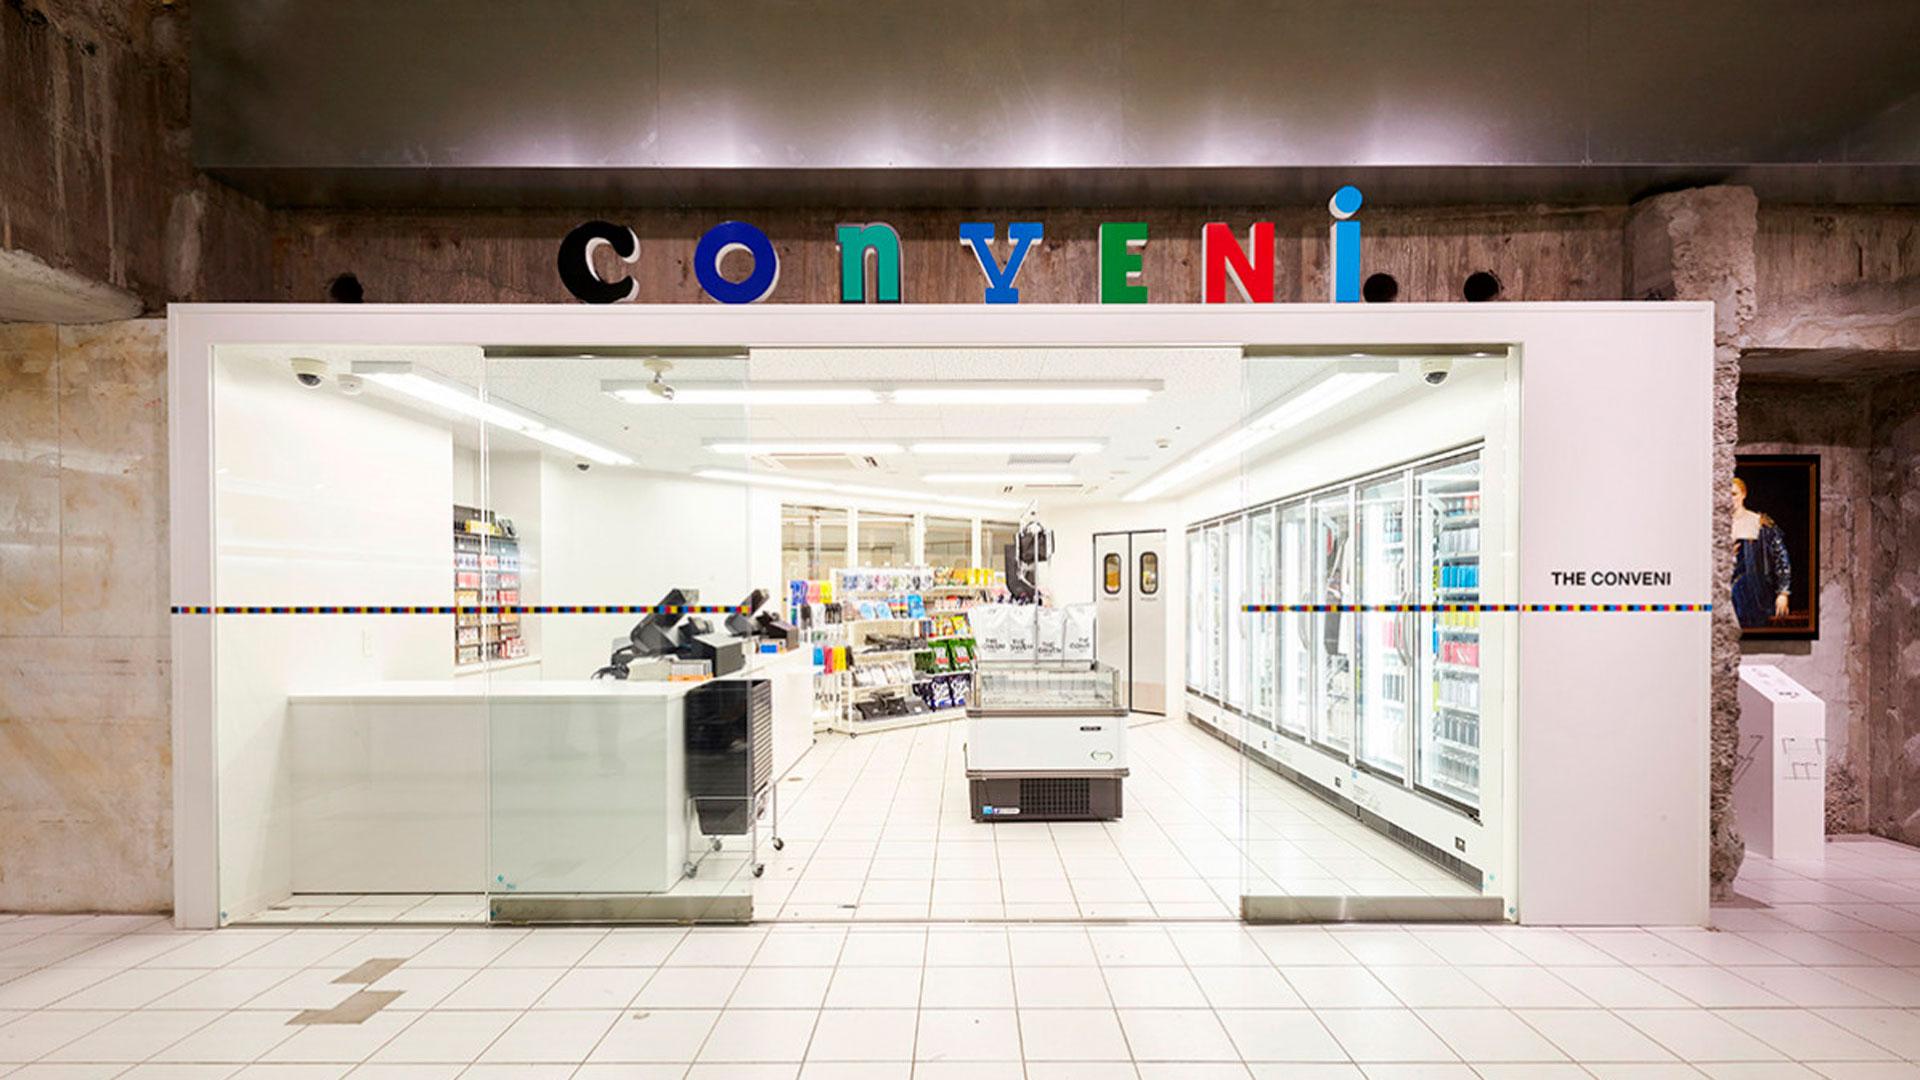 Imagen de la tienda The Conveni en Tokio